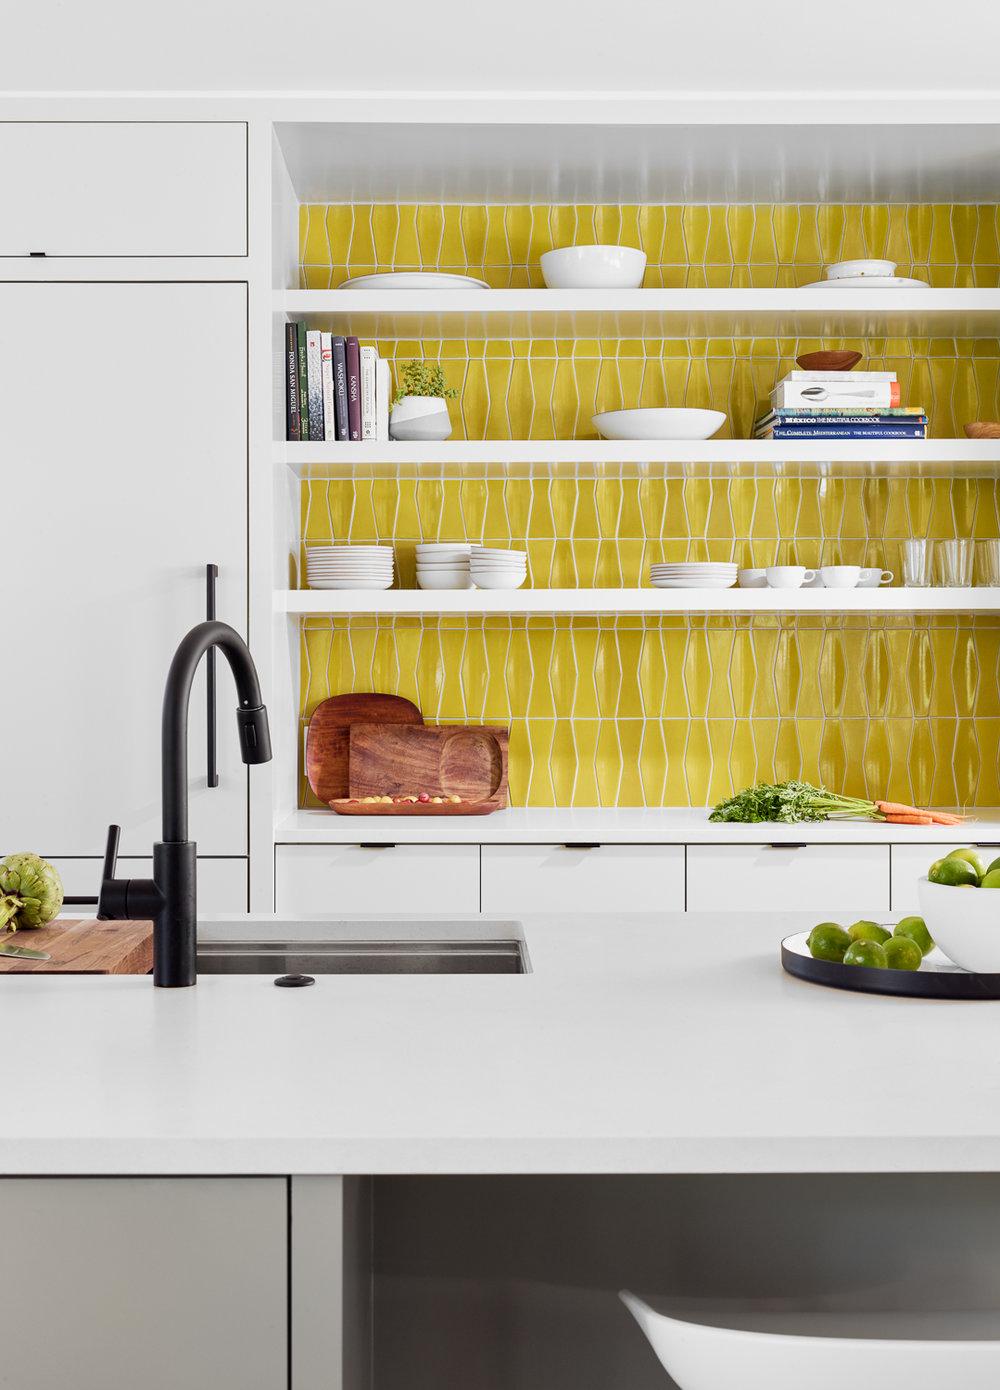 kitchendetail153540.k.jpg